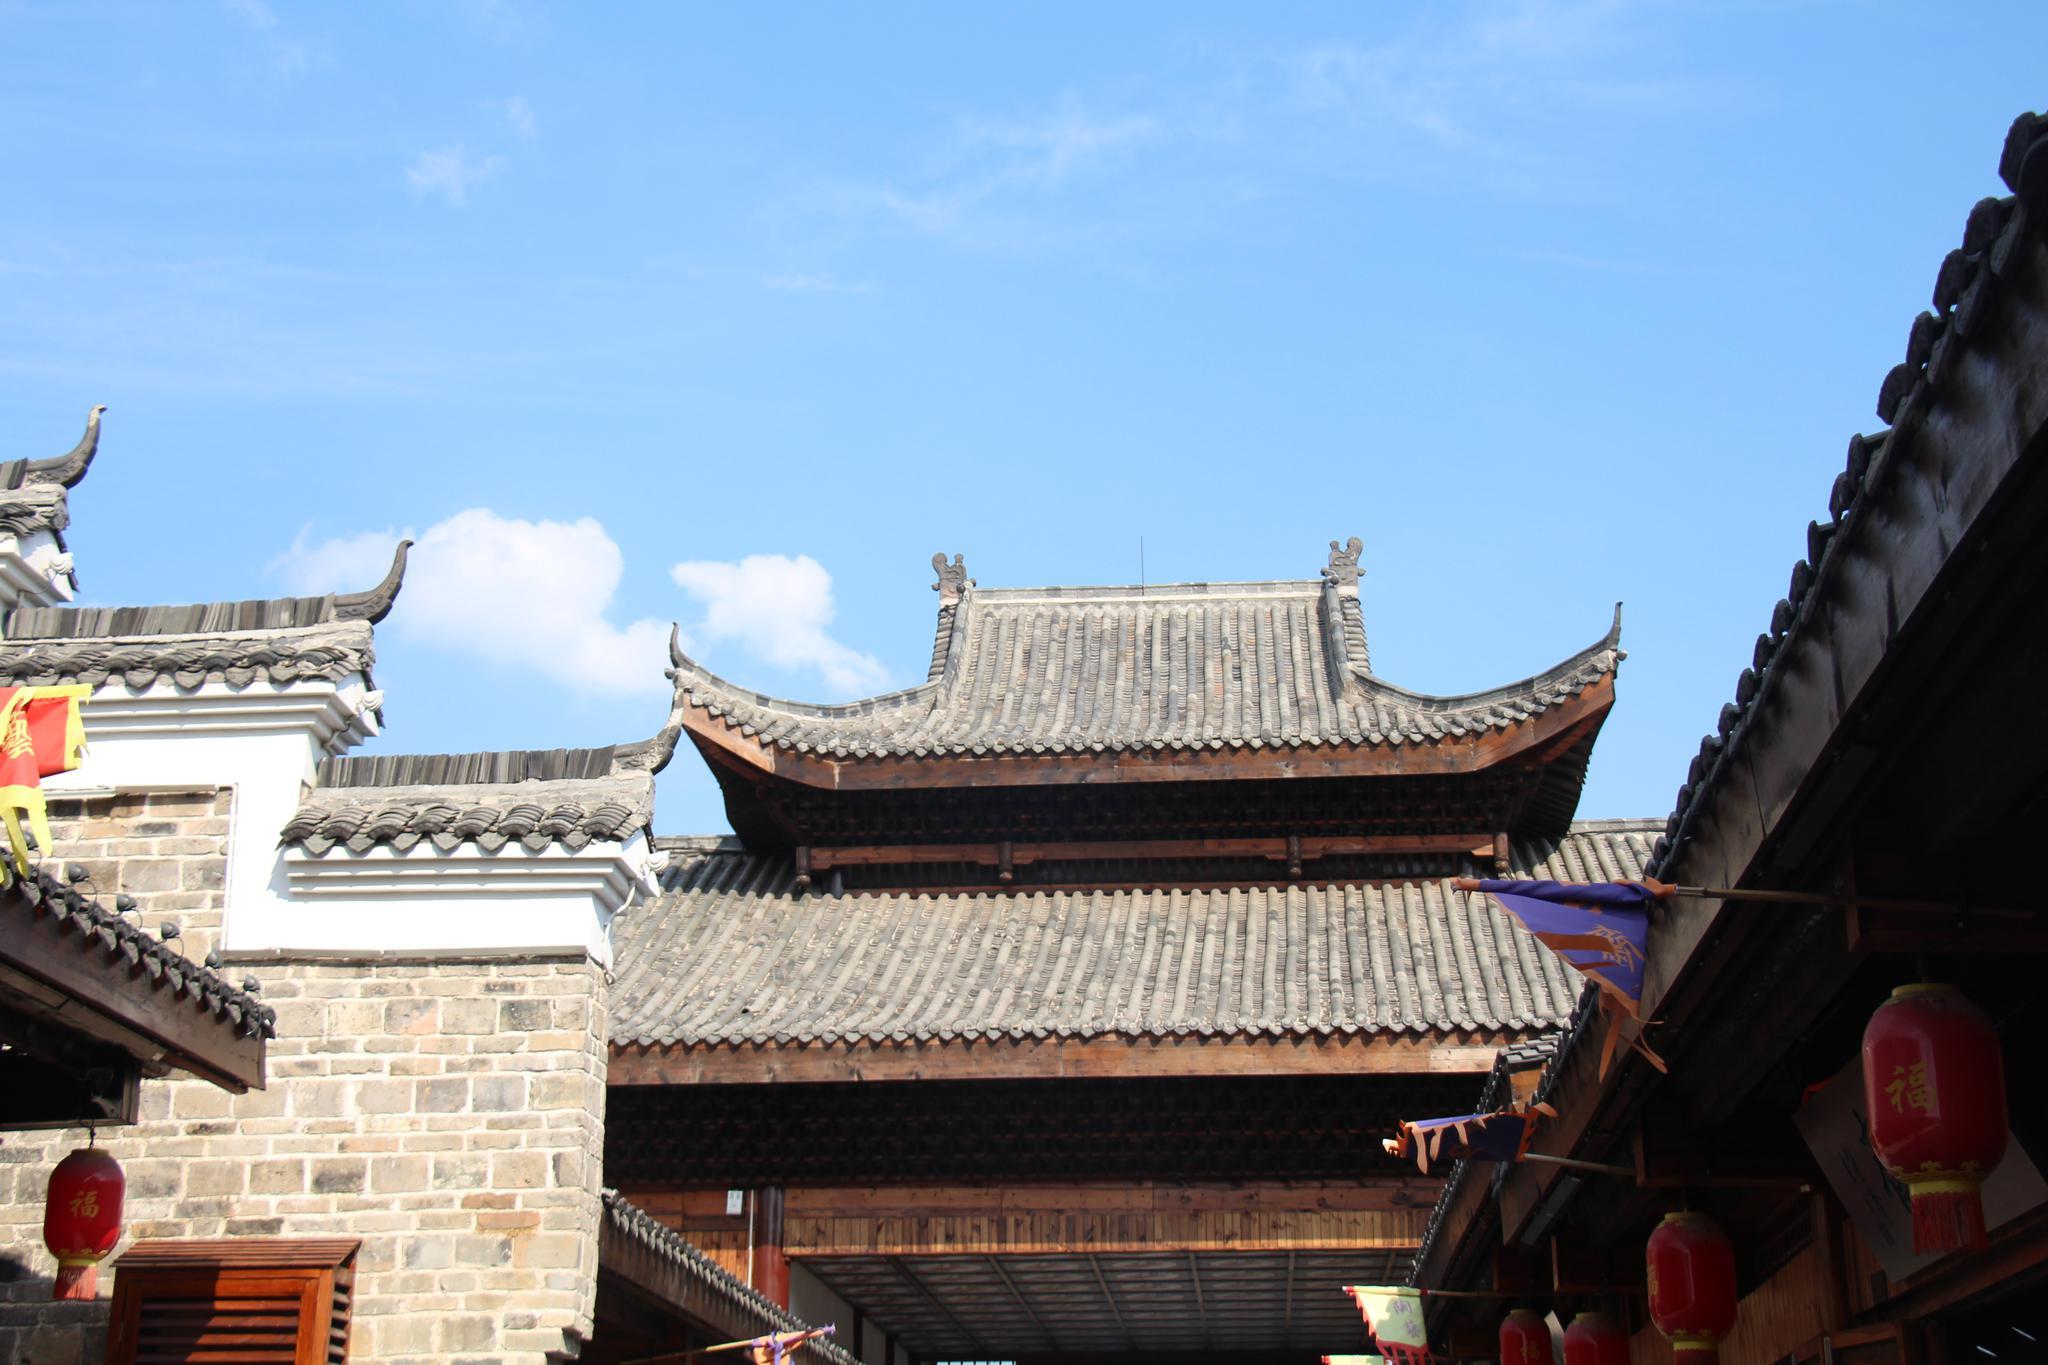 湖南国际旅游节暨醴陵瓷博会抢先看